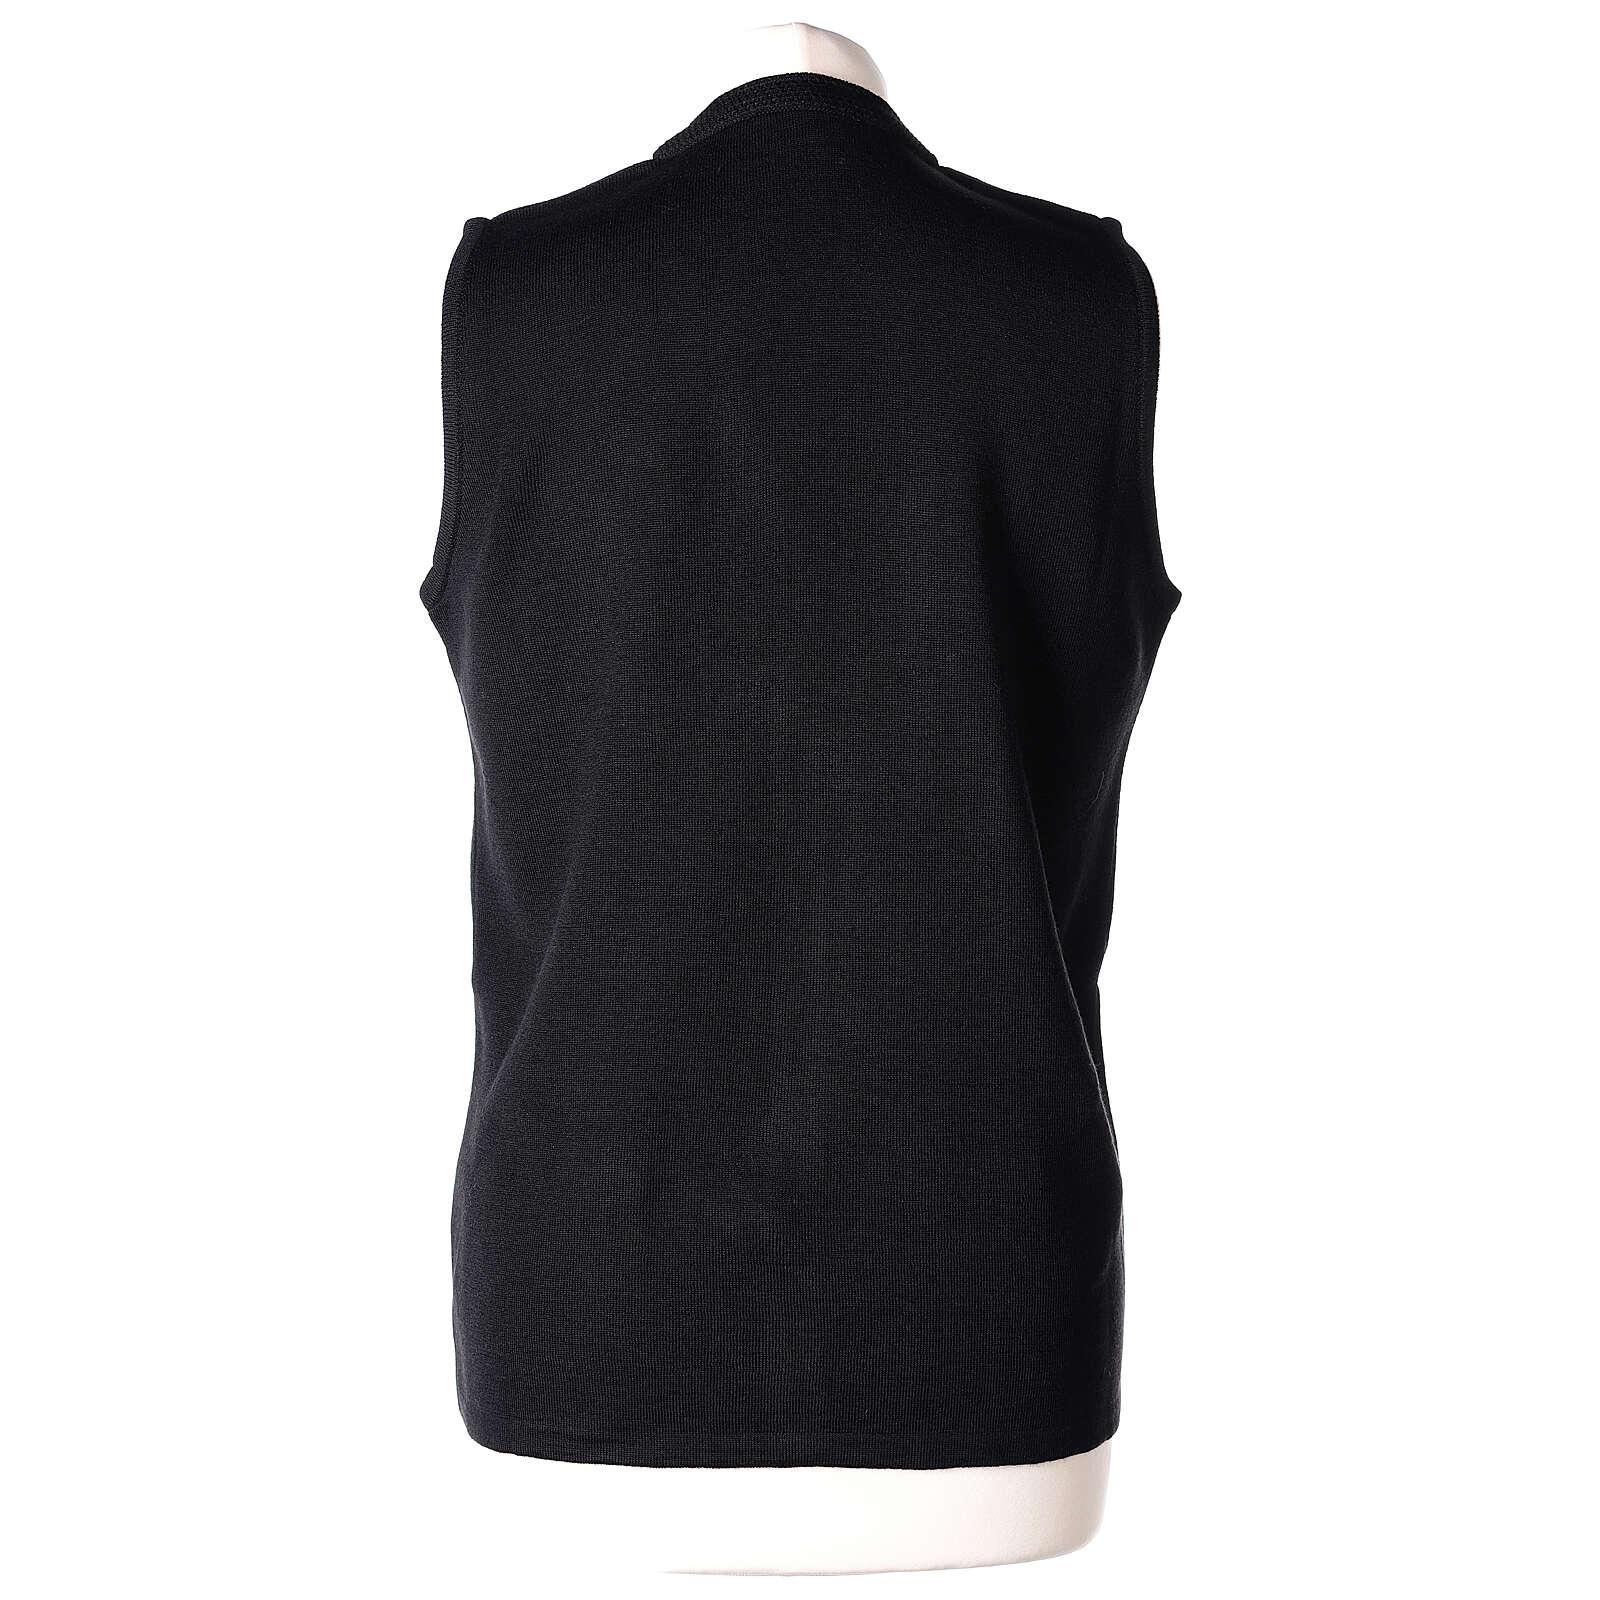 Damen-Weste, schwarz, mit Taschen und V-Ausschnitt, 50% Acryl - 50% Merinowolle, In Primis 4